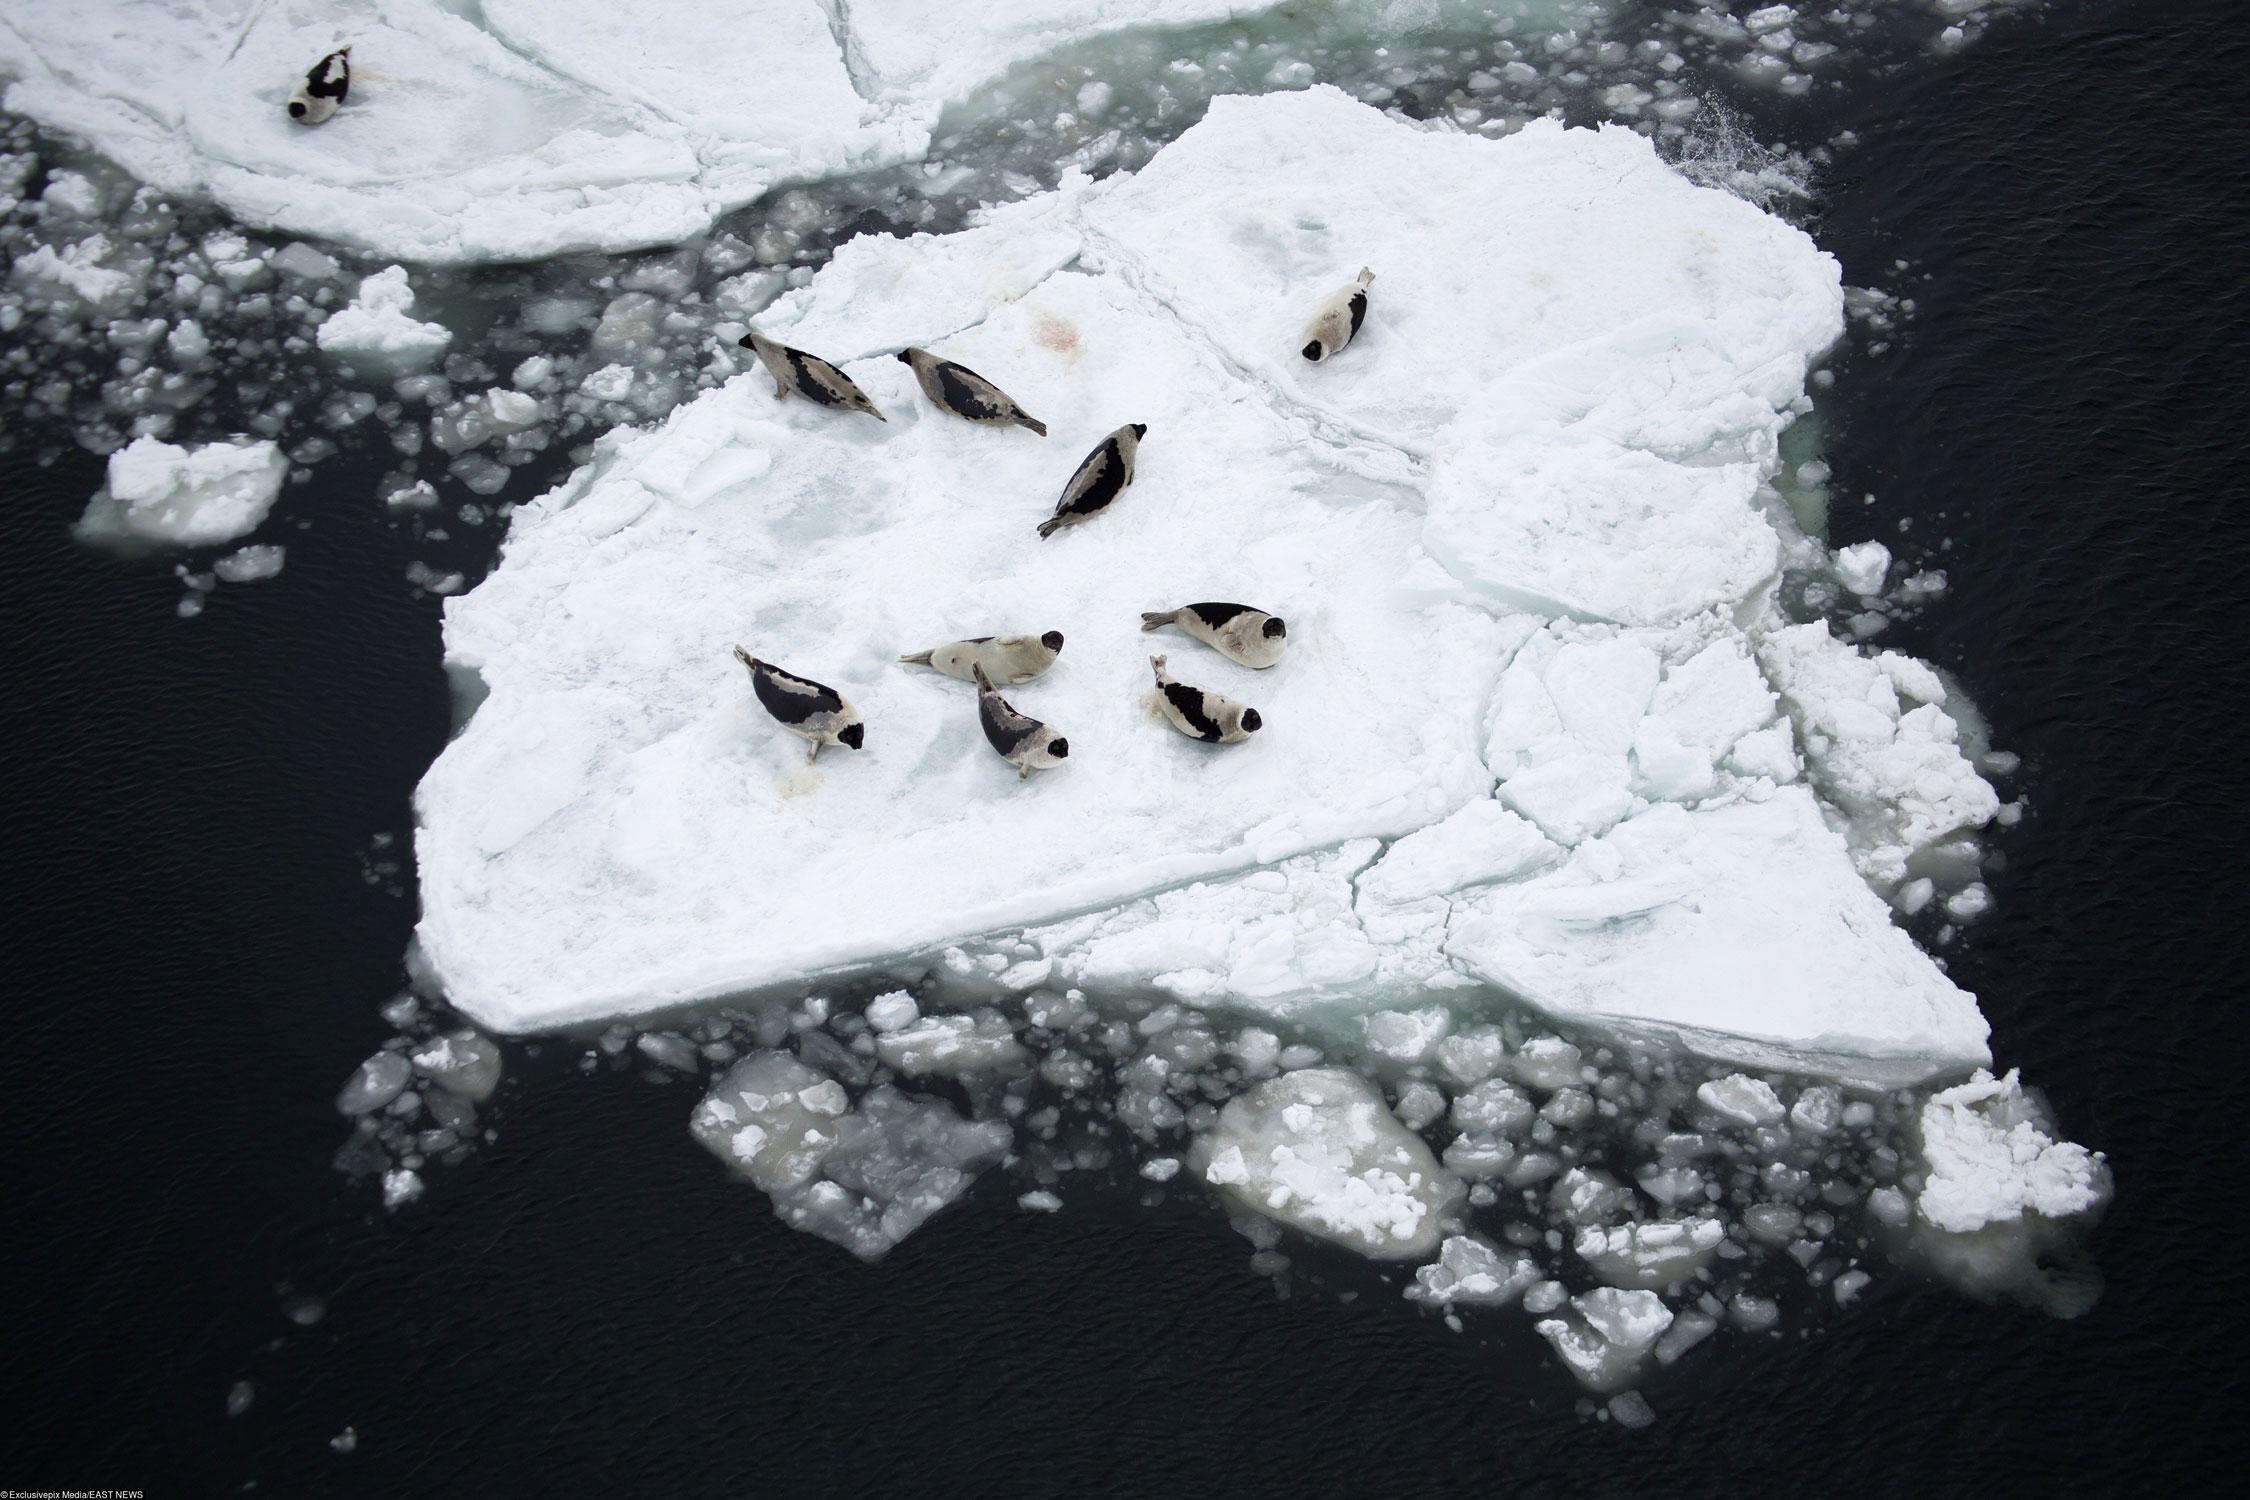 Ежегодная канадская «коммерческая охота натюленей», которая восновном проводится вмарте иапреле, приводит кгибели тысяч животных. Квоты наохоту натюленей возросли впоследние годы, несмотря нато, что рынок их шкурок почти рухнул после запрета напушнину такого рода. Министр рыболовства Канады Гейл Ши установил квоту наохоту натюленей: 400 000 гренландских тюленей, 60 000 серых тюленей и8200 морских котиков — вобщей сложности более 468 000 животных